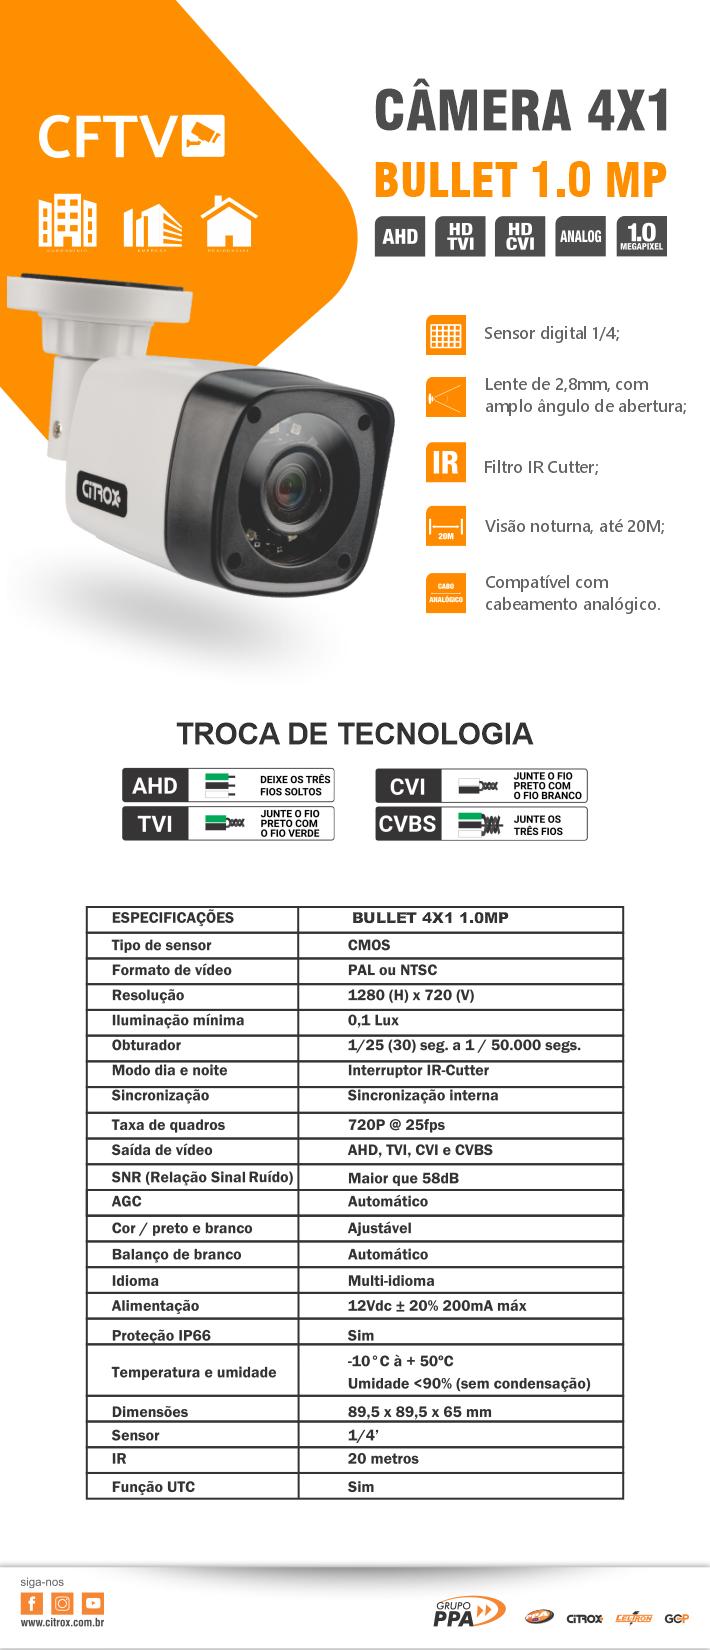 Câmera Bullet 4X1 1.0MP - CX 2920